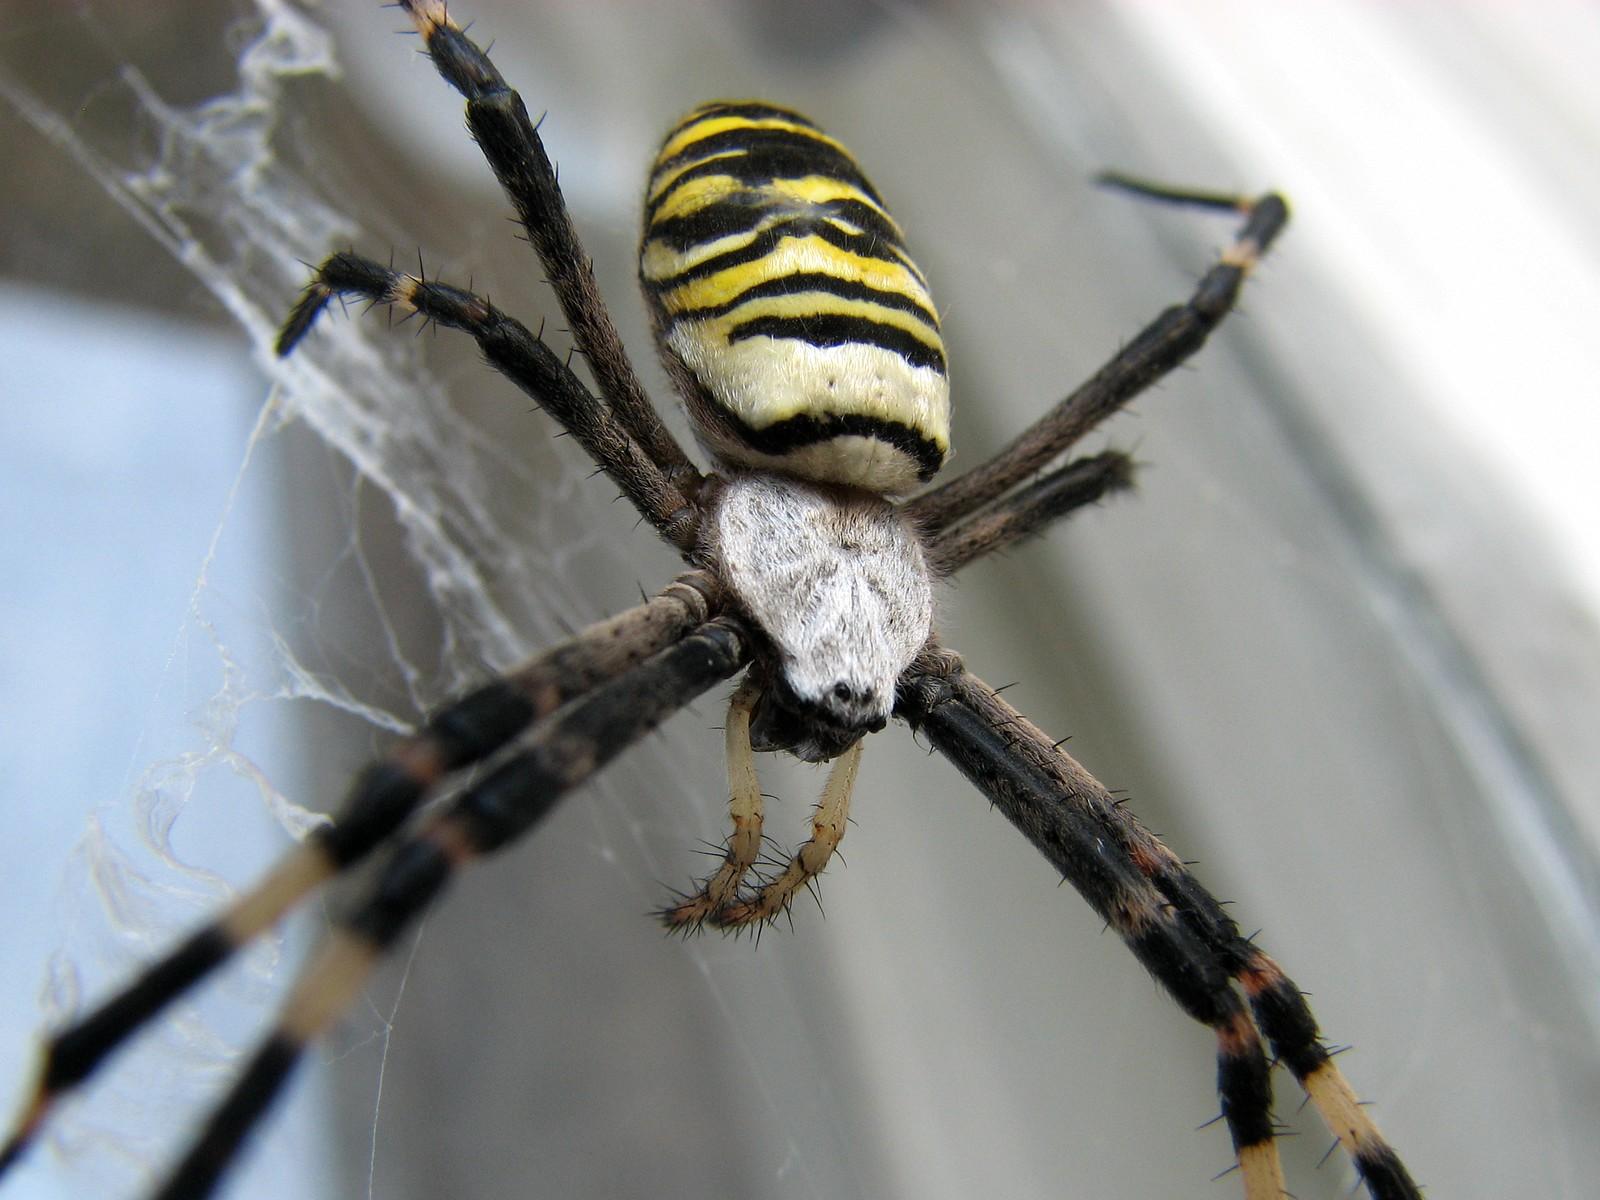 паук с брюшком как у осы фото вообще